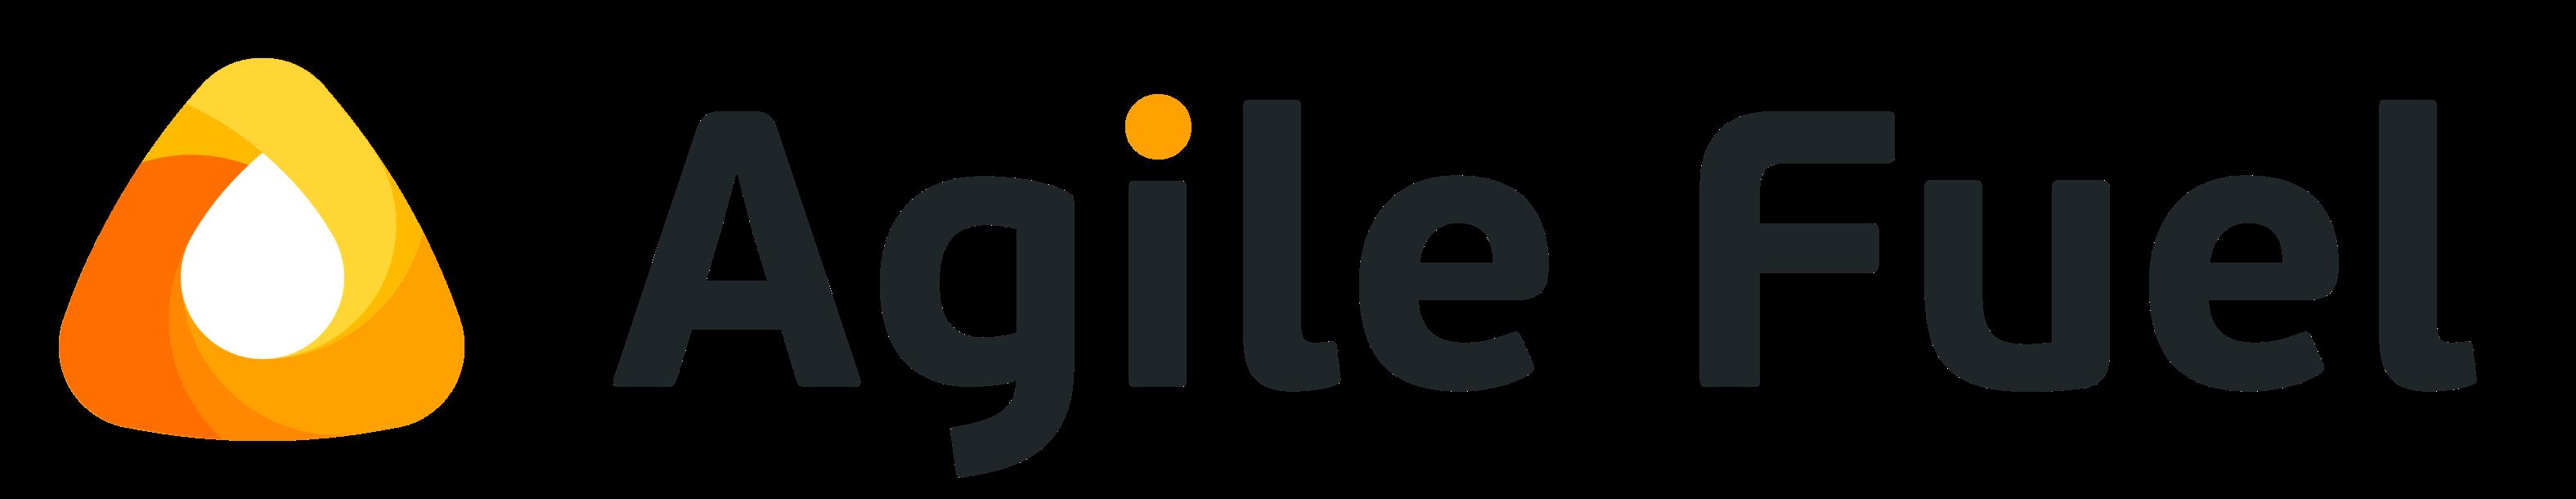 Agile Fuel logo